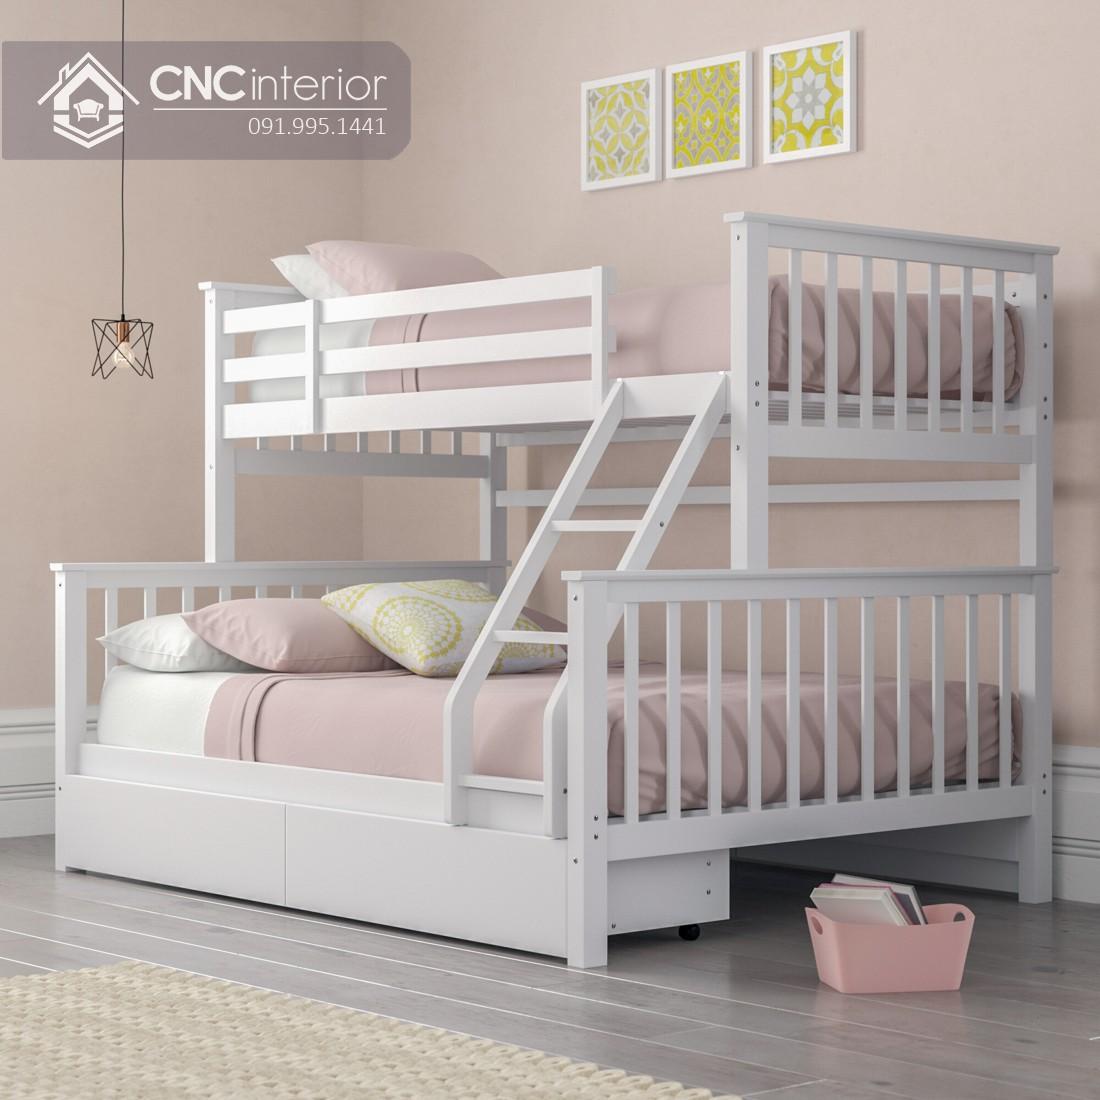 Mẫu giường tầng cho người lớn CNC 14